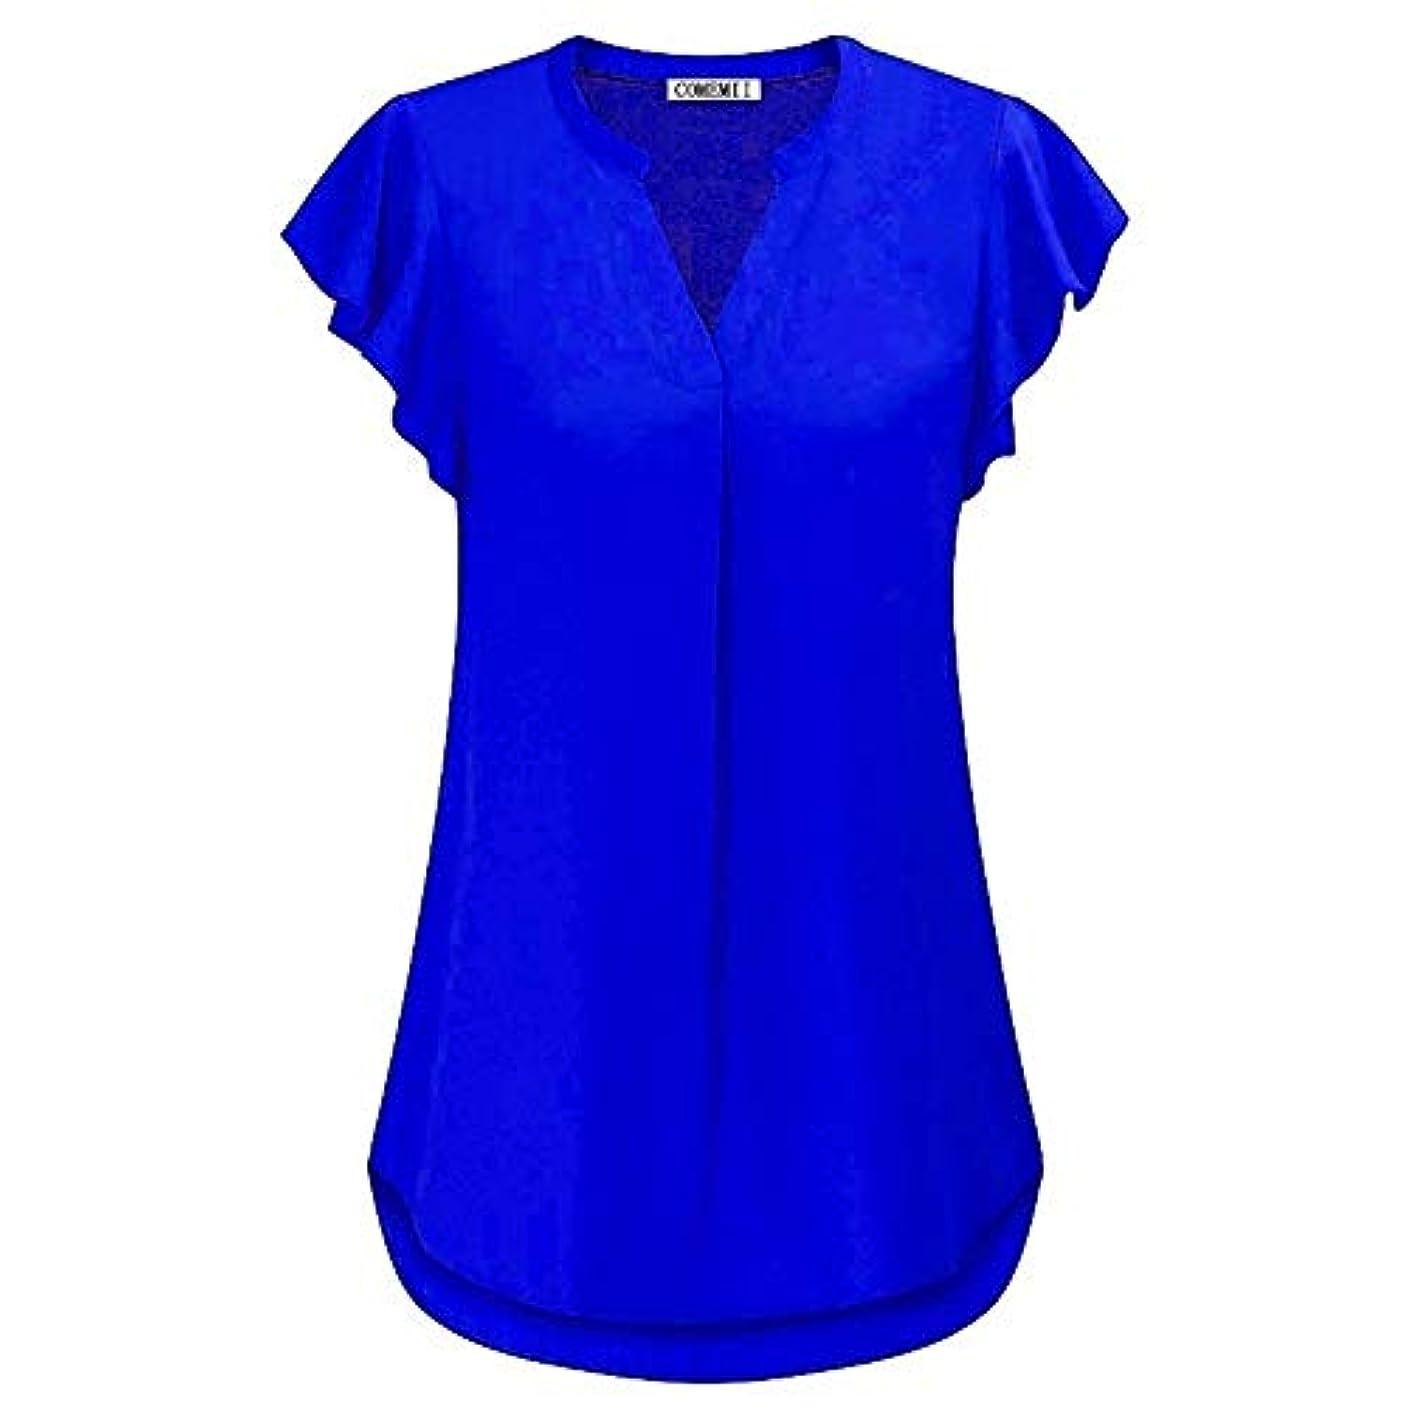 限りなく週末論争の的MIFAN女性ブラウス、シフォンブラウス、カジュアルTシャツ、ゆったりしたTシャツ、夏用トップス、シフォンシャツ、半袖、プラスサイズのファッション